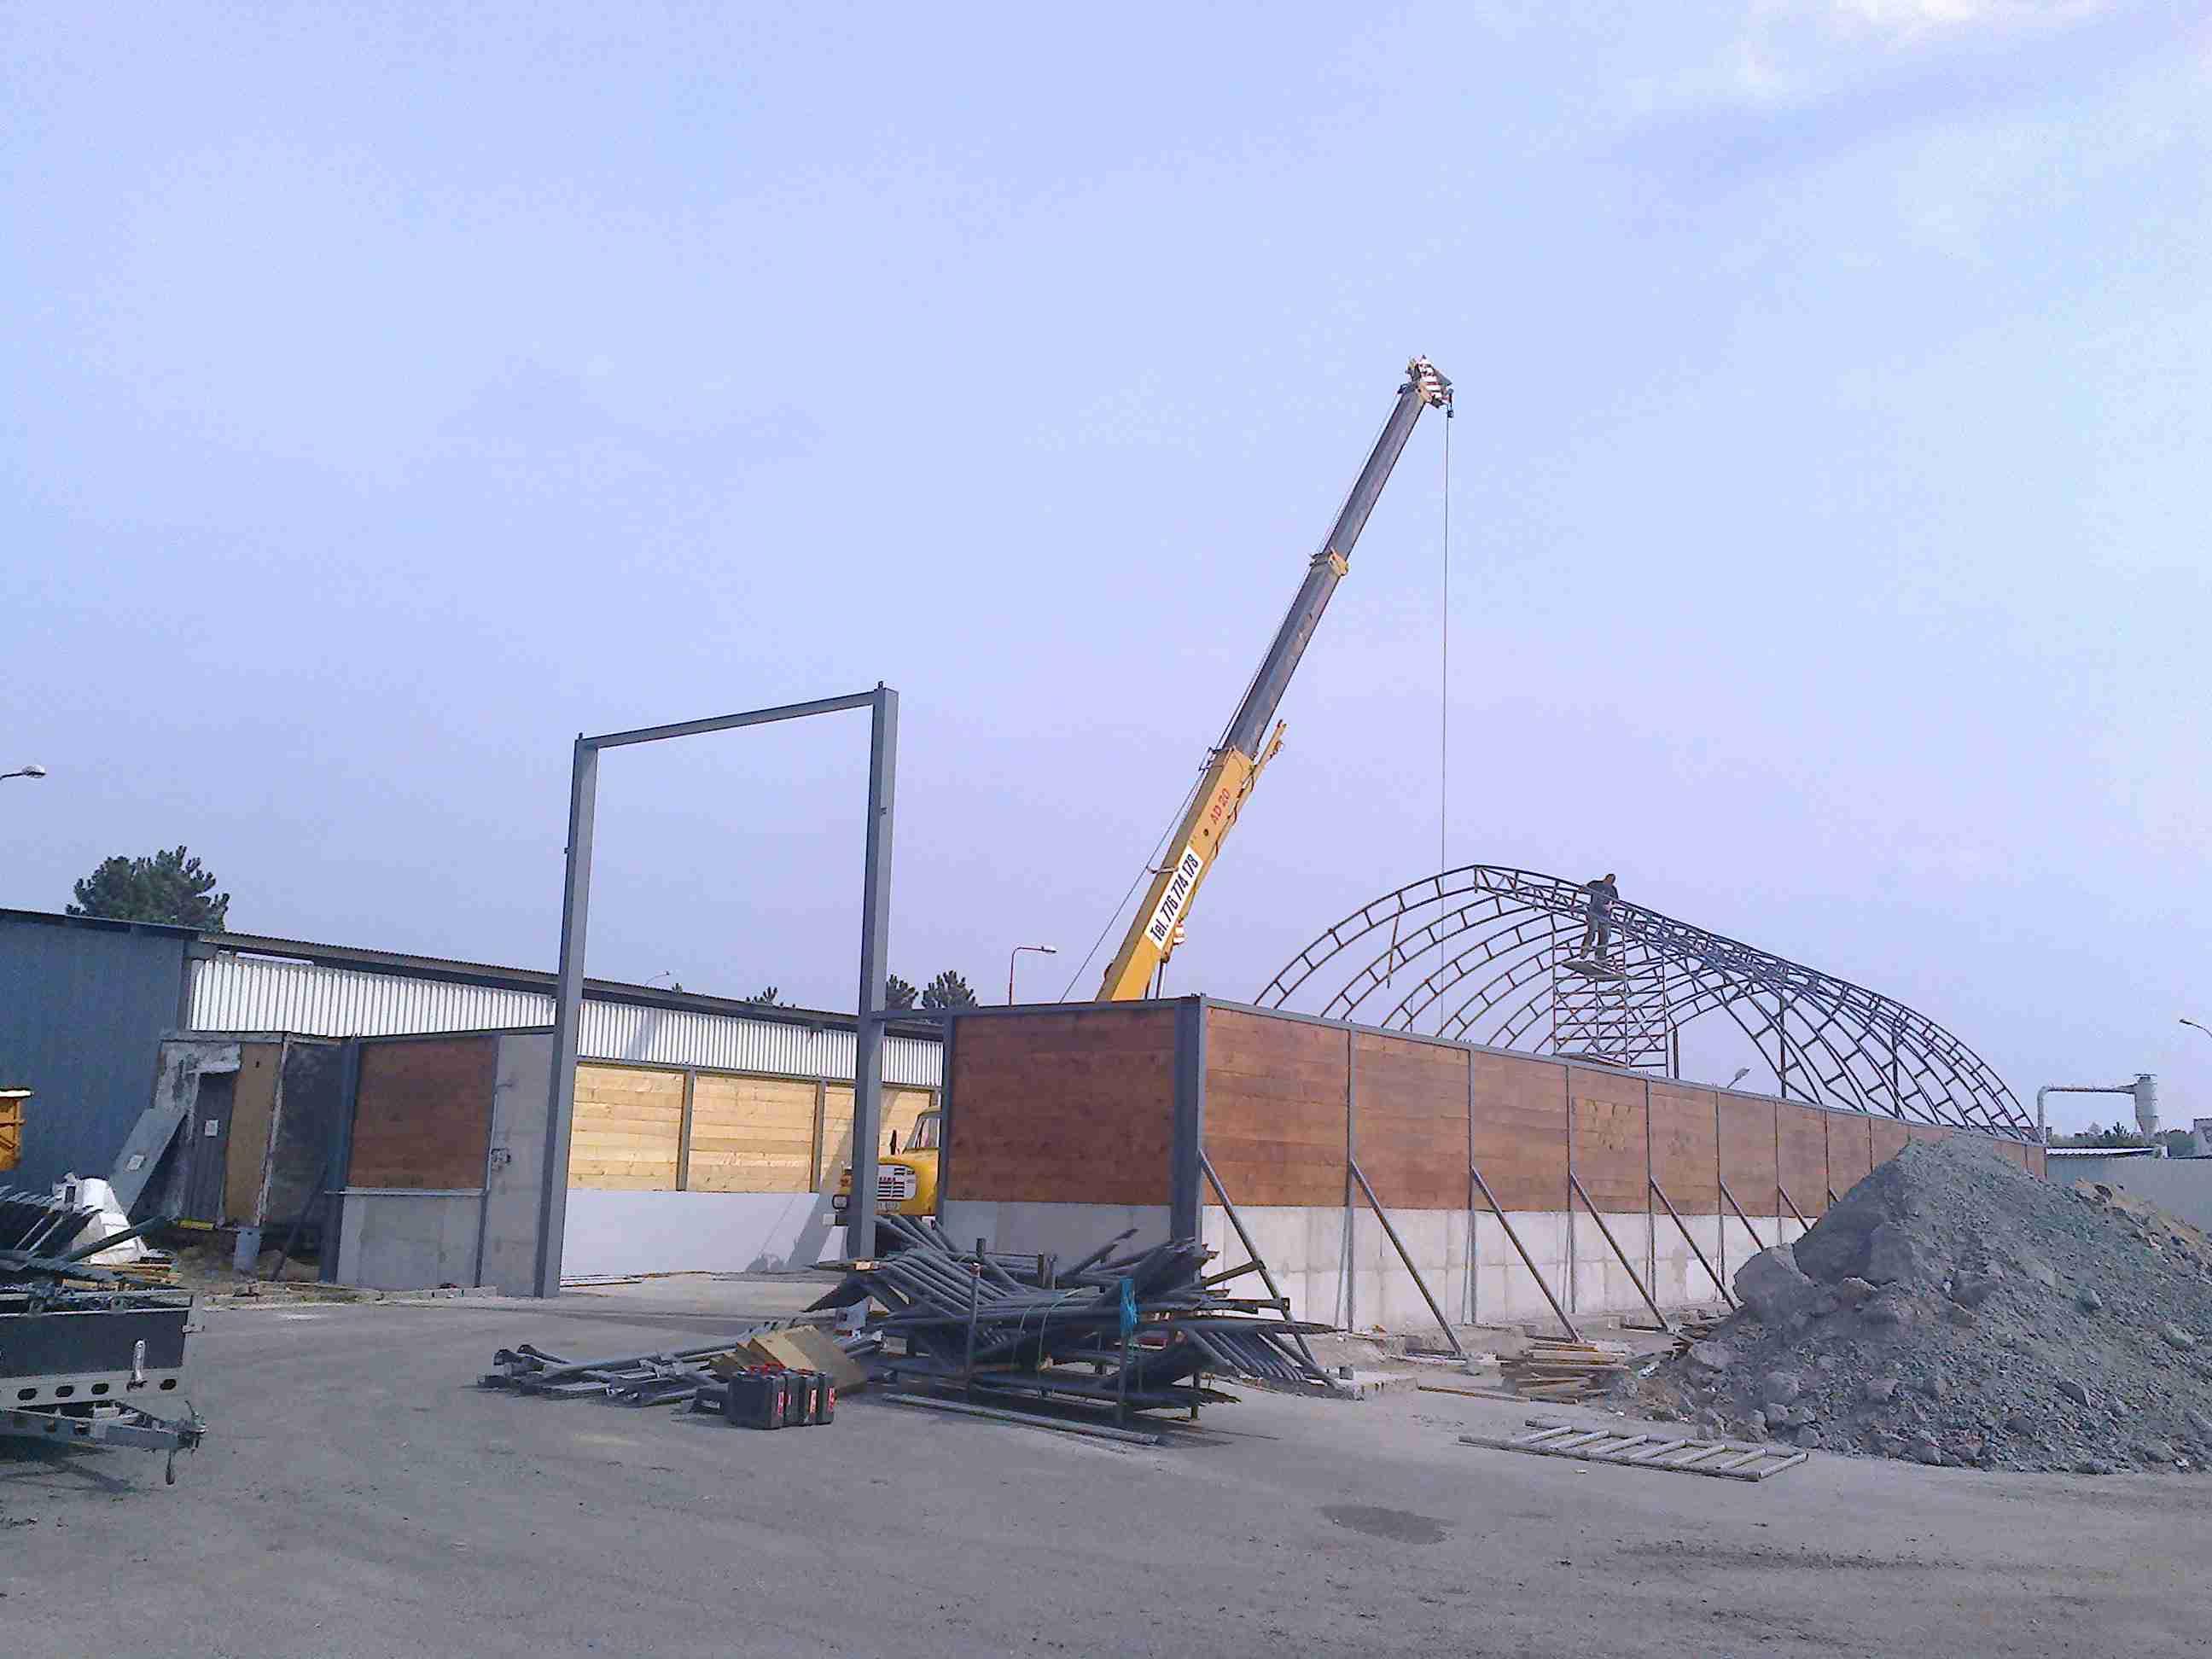 Stavba Přelouč Silnice sklad pos. soli 1 (5)